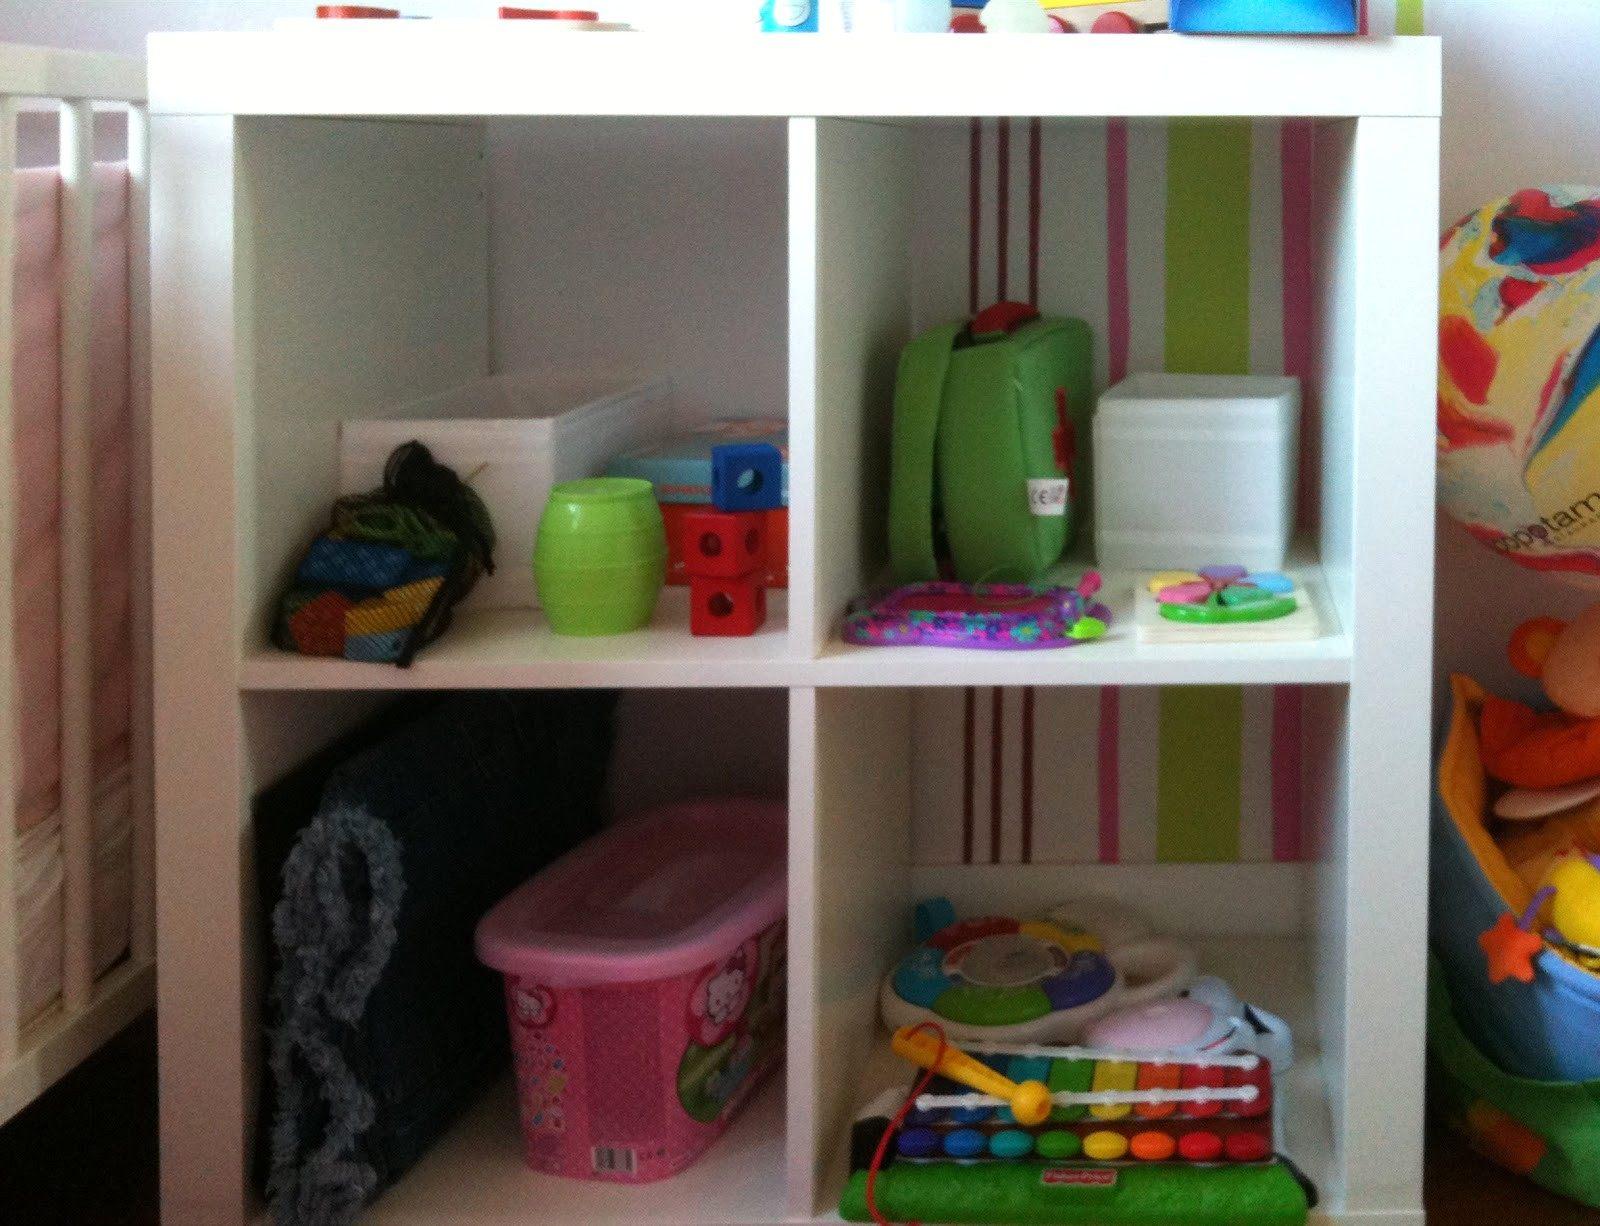 lit montessori pas cher magnifique chambre b b montessori. Black Bedroom Furniture Sets. Home Design Ideas